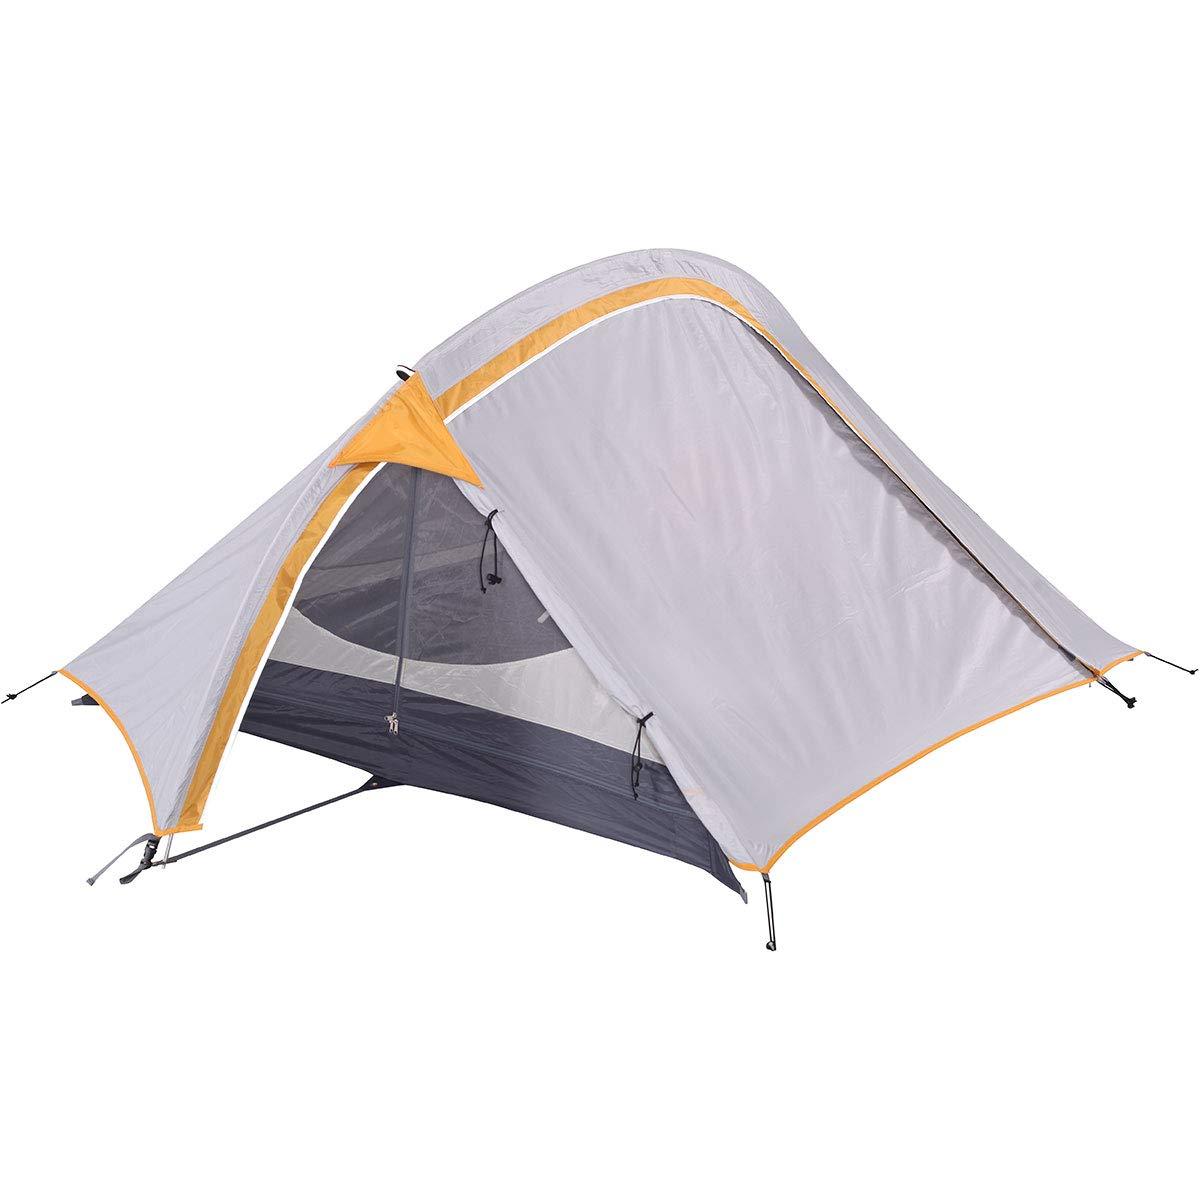 OZtrail Tienda de campaña Backpacker para 2 Personas - OLT-BAC-D 2.2kg 230cm x 160cm. Tienda Ultraligera. Tienda de campaña compacta.: Amazon.es: Deportes y aire libre